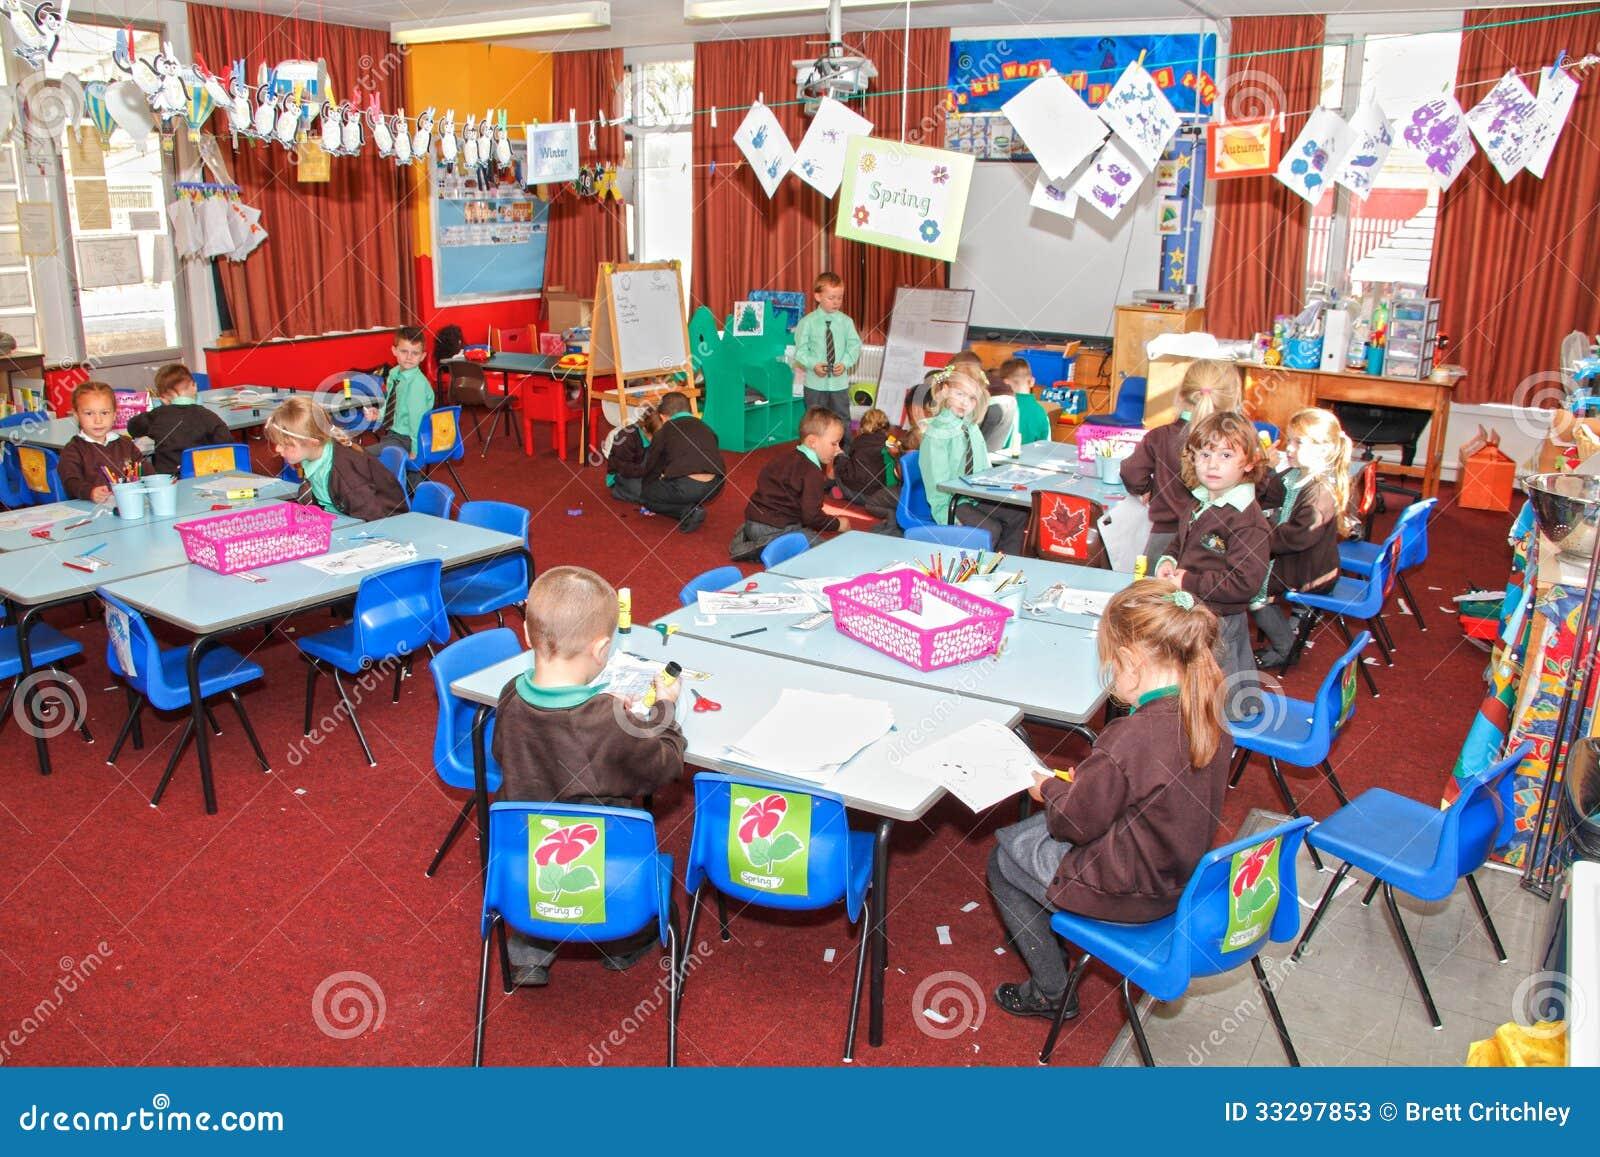 编辑类库存照片: 英国学校教室图片